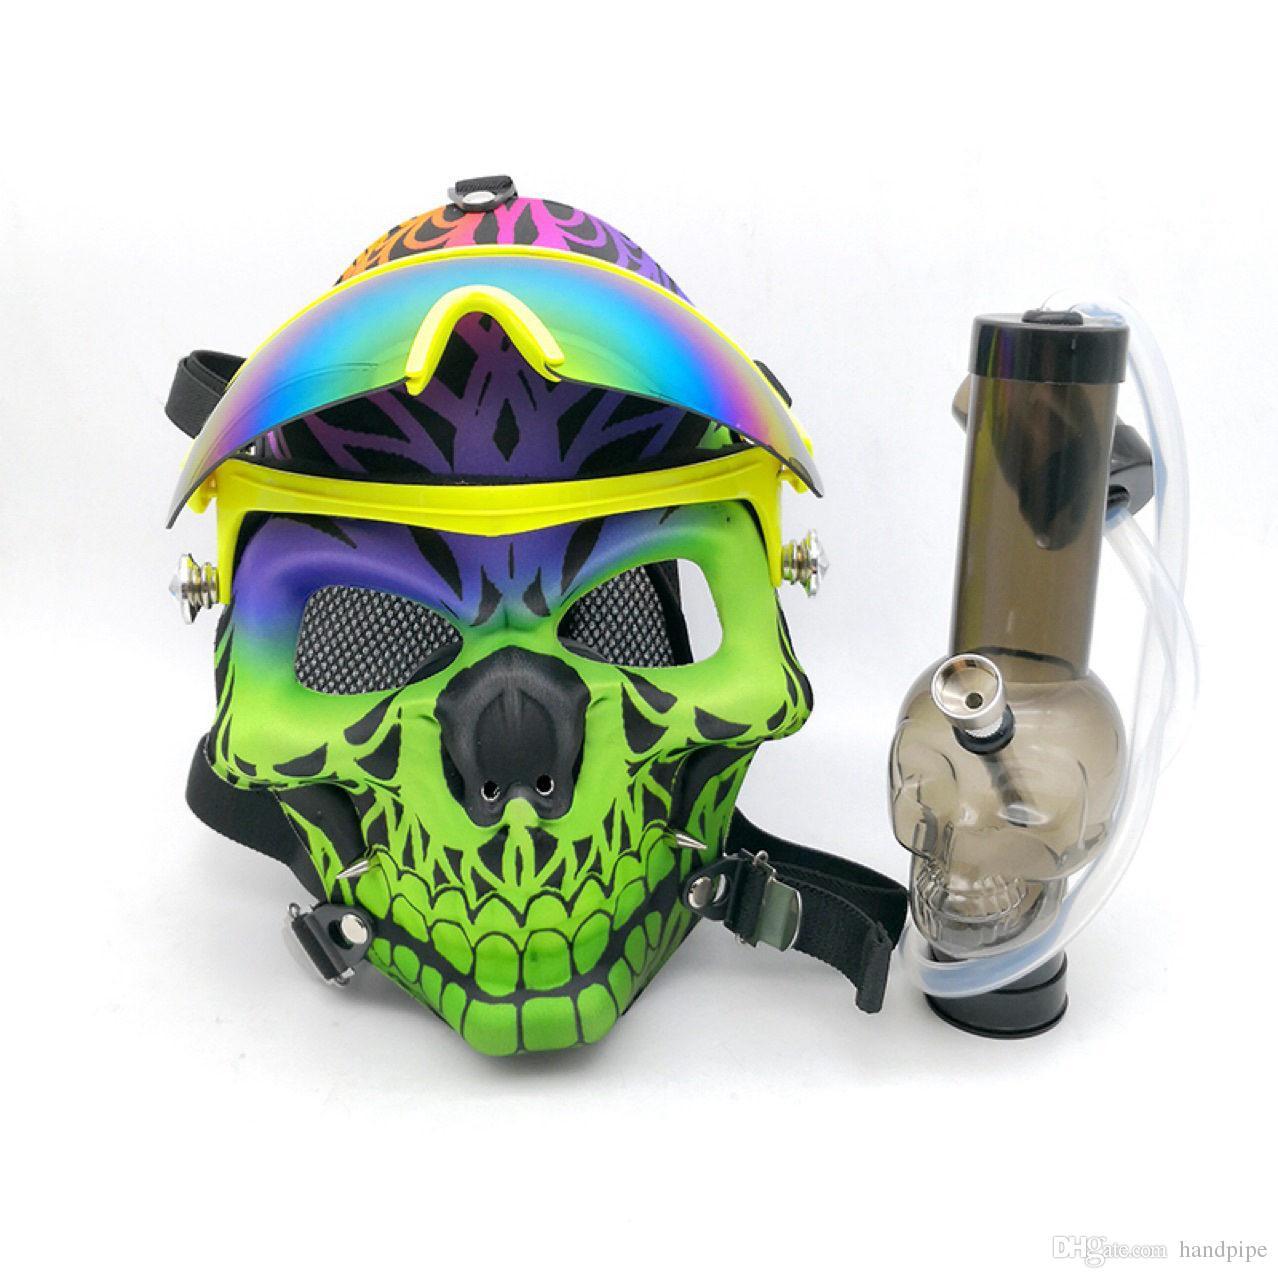 Противогаз Бонг Силиконовая водопроводная труба Череп Маска Трубы с солнцезащитными очками Нефтяные вышки Нефтяная горелка Многофункциональная курительная маска Dab Rig Mask Кальян